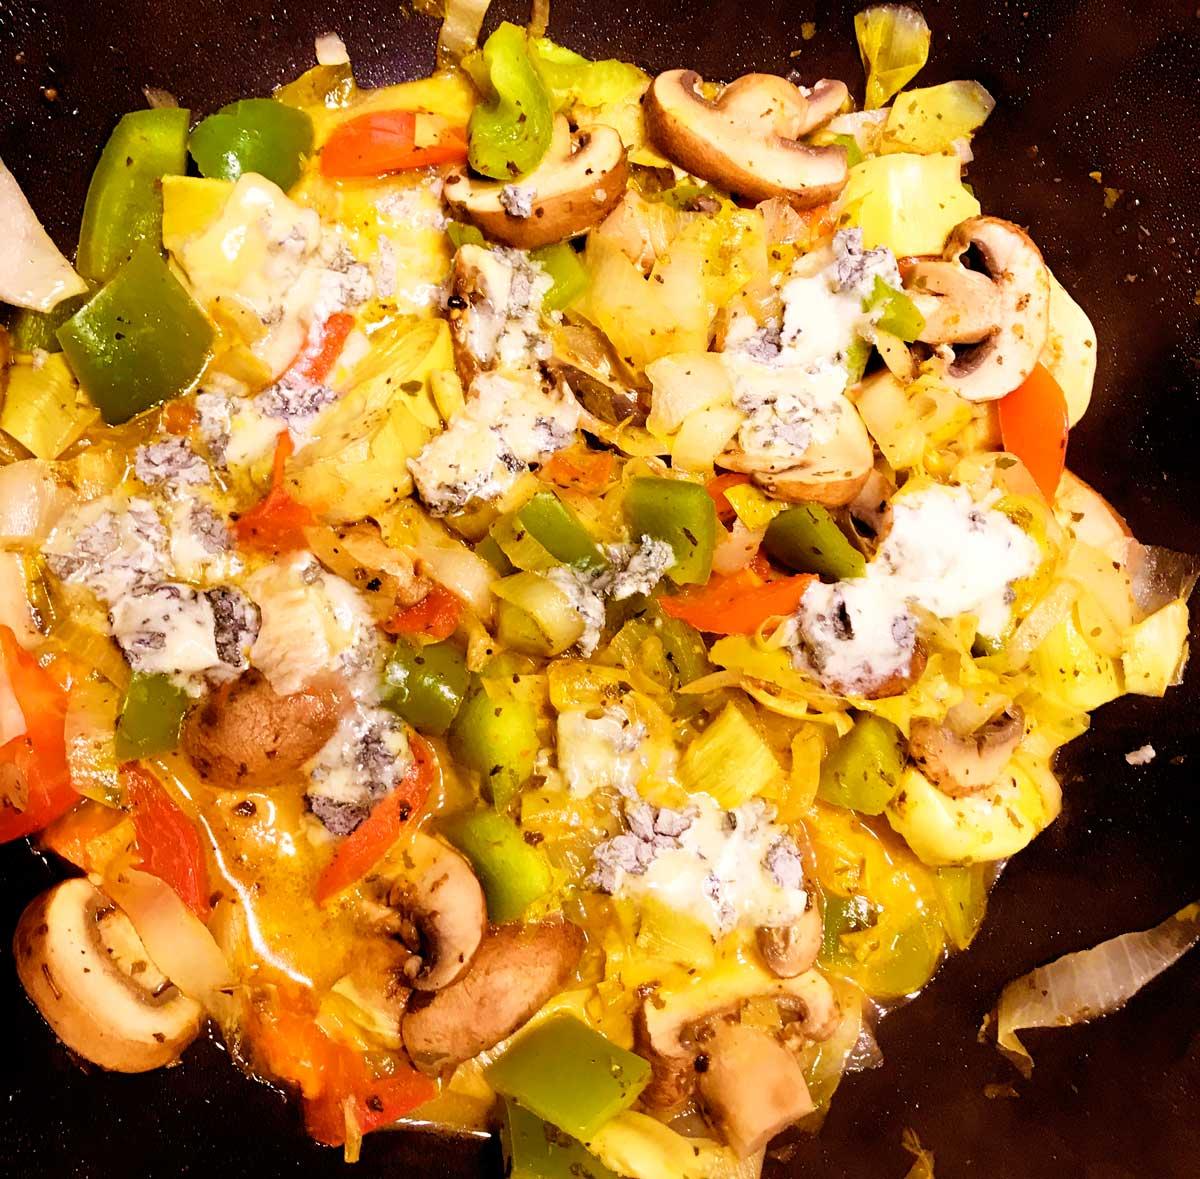 gesund, natuerlich, kochen, kochennachfarben, lecker, food, selbstgemacht